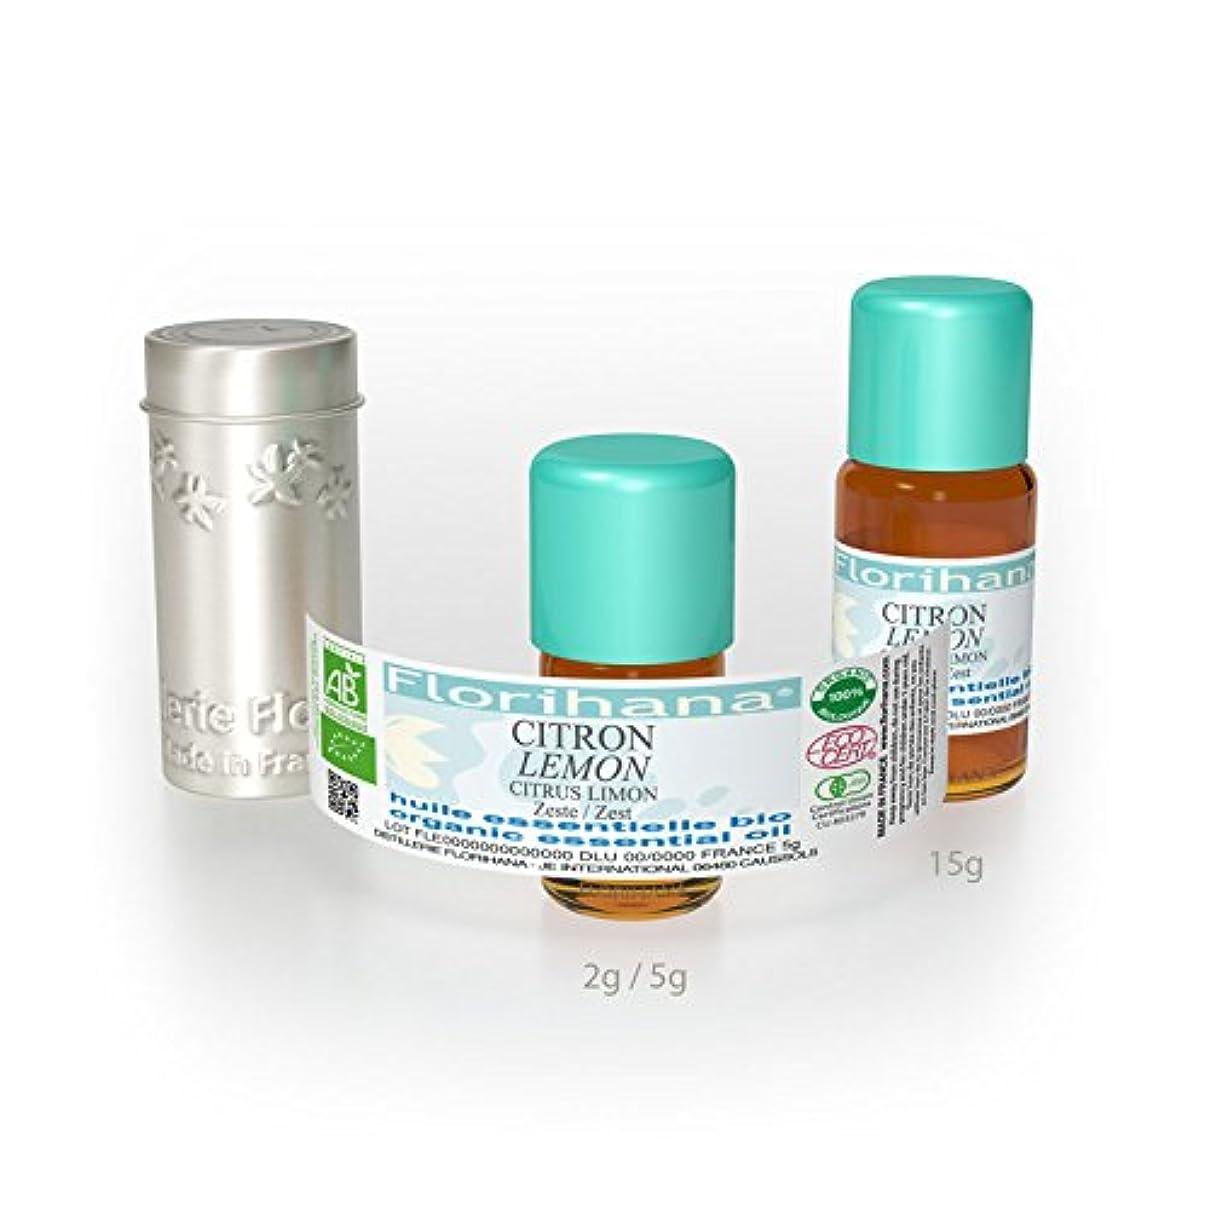 体系的にアリ硫黄Florihana オーガニックエッセンシャルオイル レモン 5g(6ml)